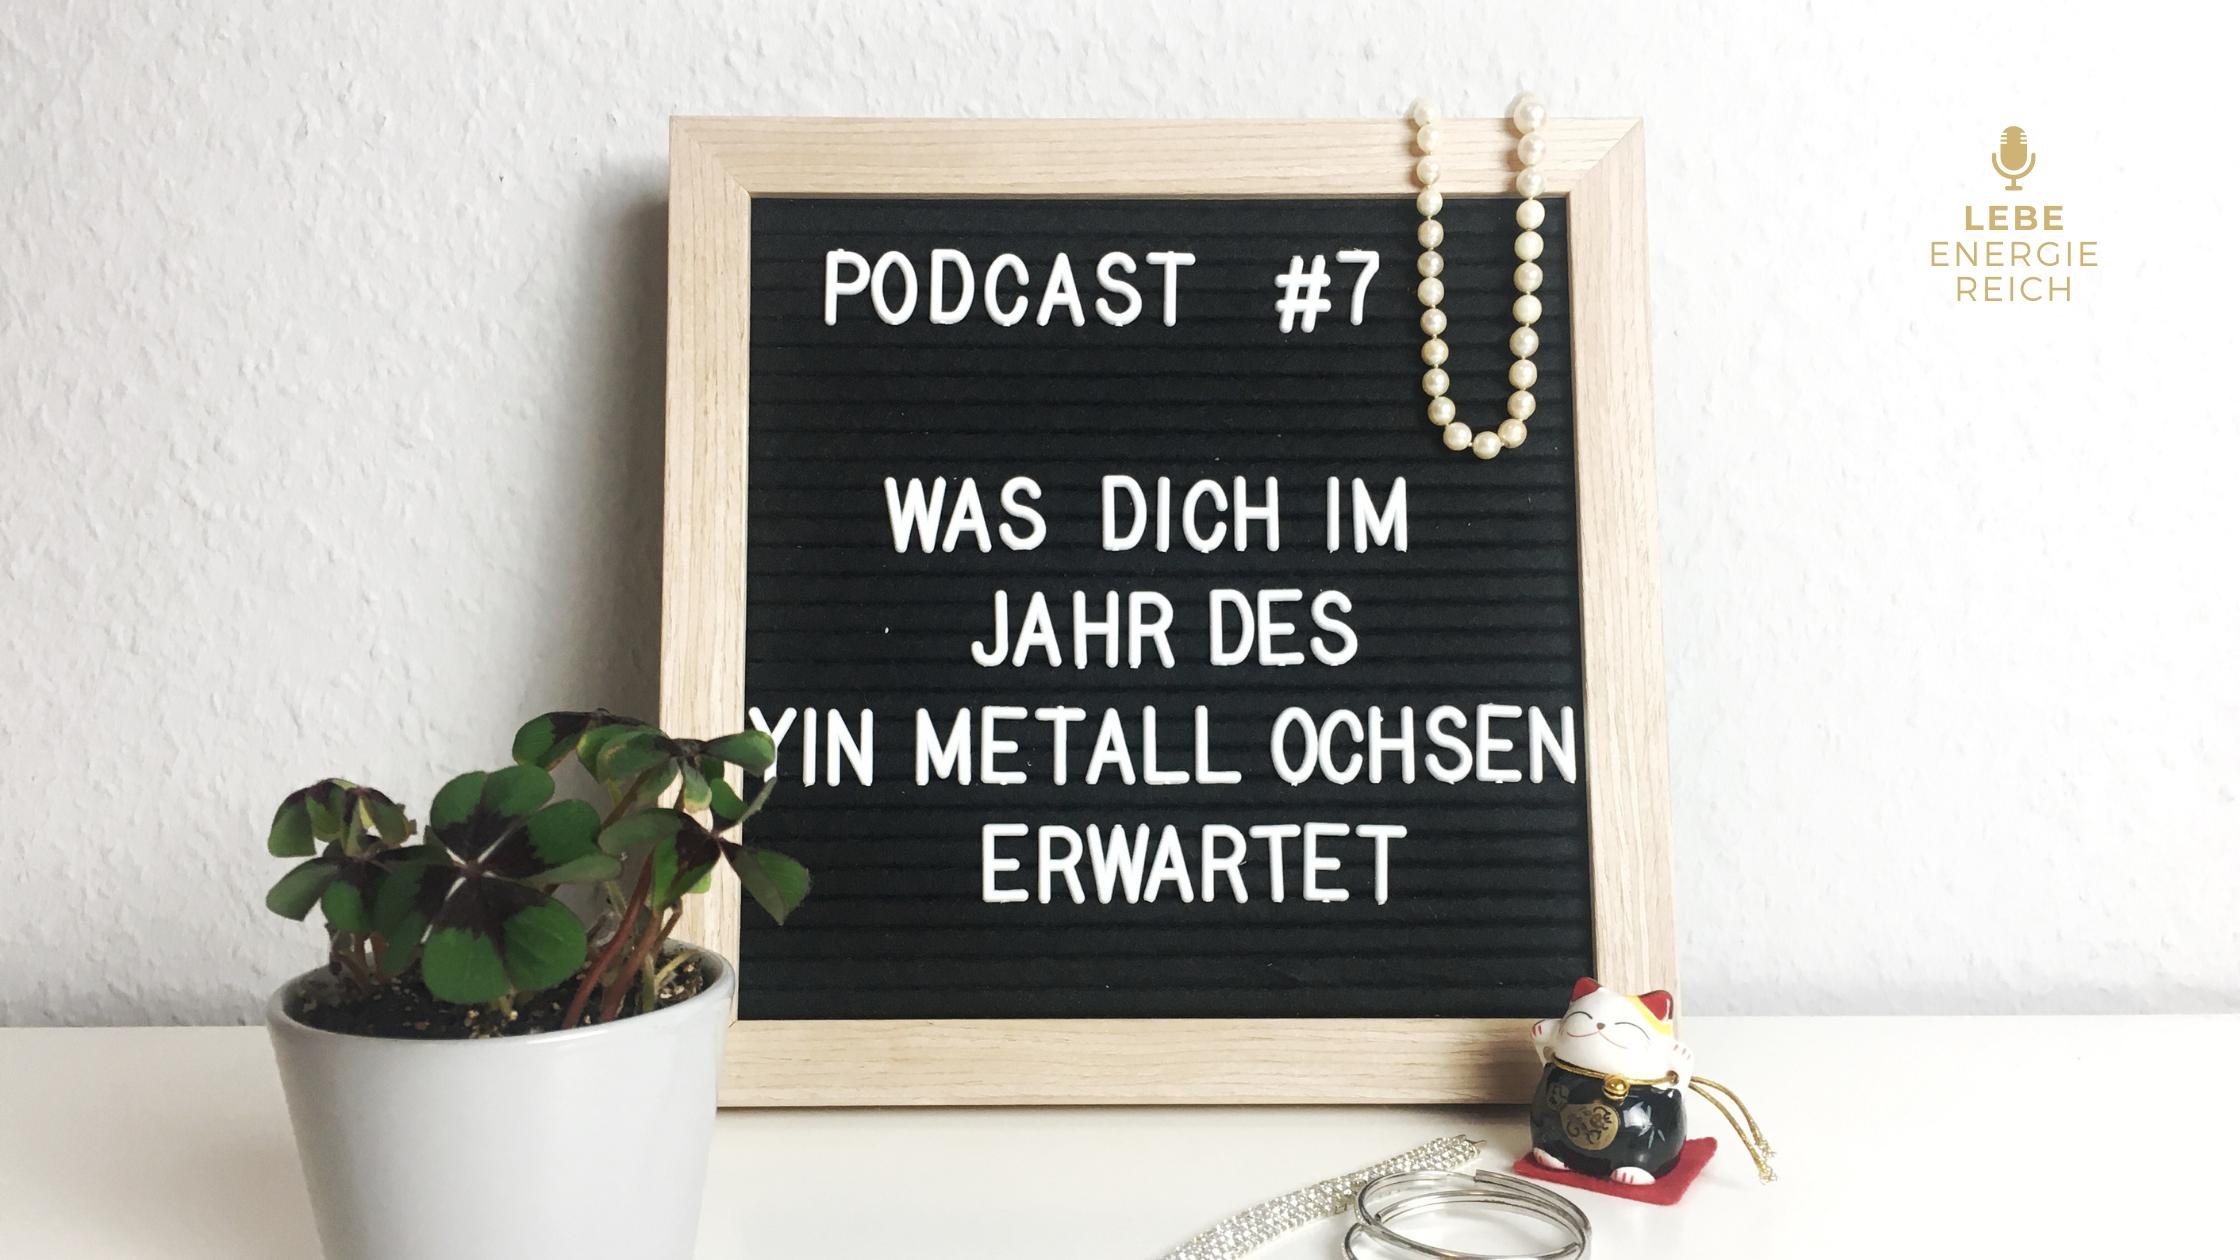 Podcast 7 Jahr des Ochsen